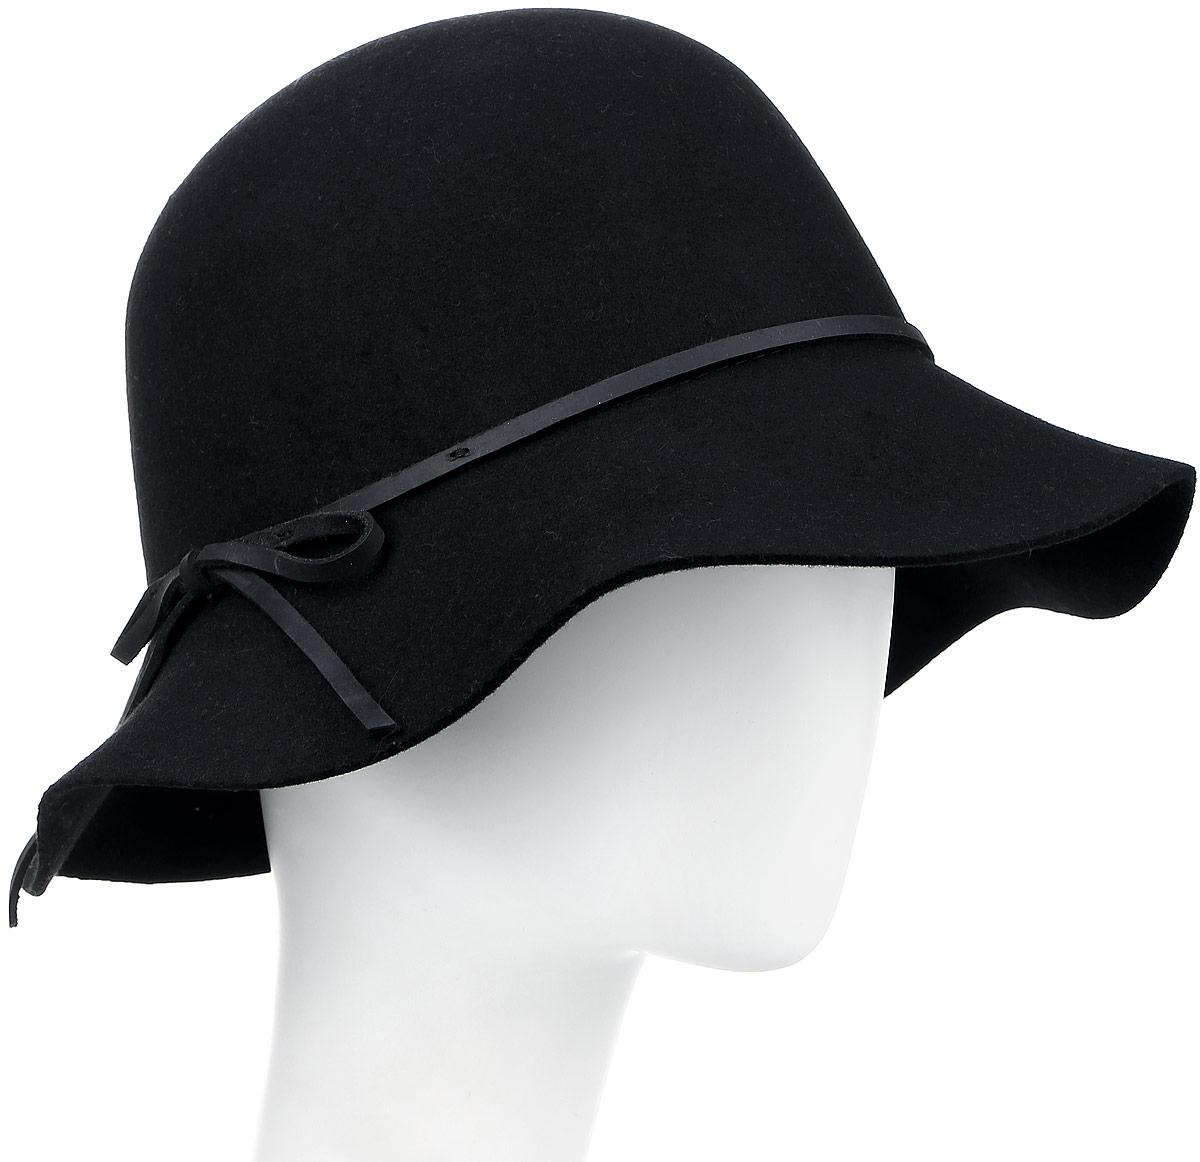 Шляпа105-9807Элегантная женская шляпа Goorin Brothers, выполненная из высококачественного тонкого фетра, дополнит любой образ. Модель с невысокой тульей и загнутыми вниз полями. Шляпа-клош по тулье оформлена тонким ремешком из кожи с лаконичным бантом сбоку. Внутри модель дополнена плотной тесьмой для комфортной посадки изделия по голове. Аккуратные поля шляпы придадут вашему образу таинственности и шарма. Такая шляпа подчеркнет вашу неповторимость и прекрасный вкус.